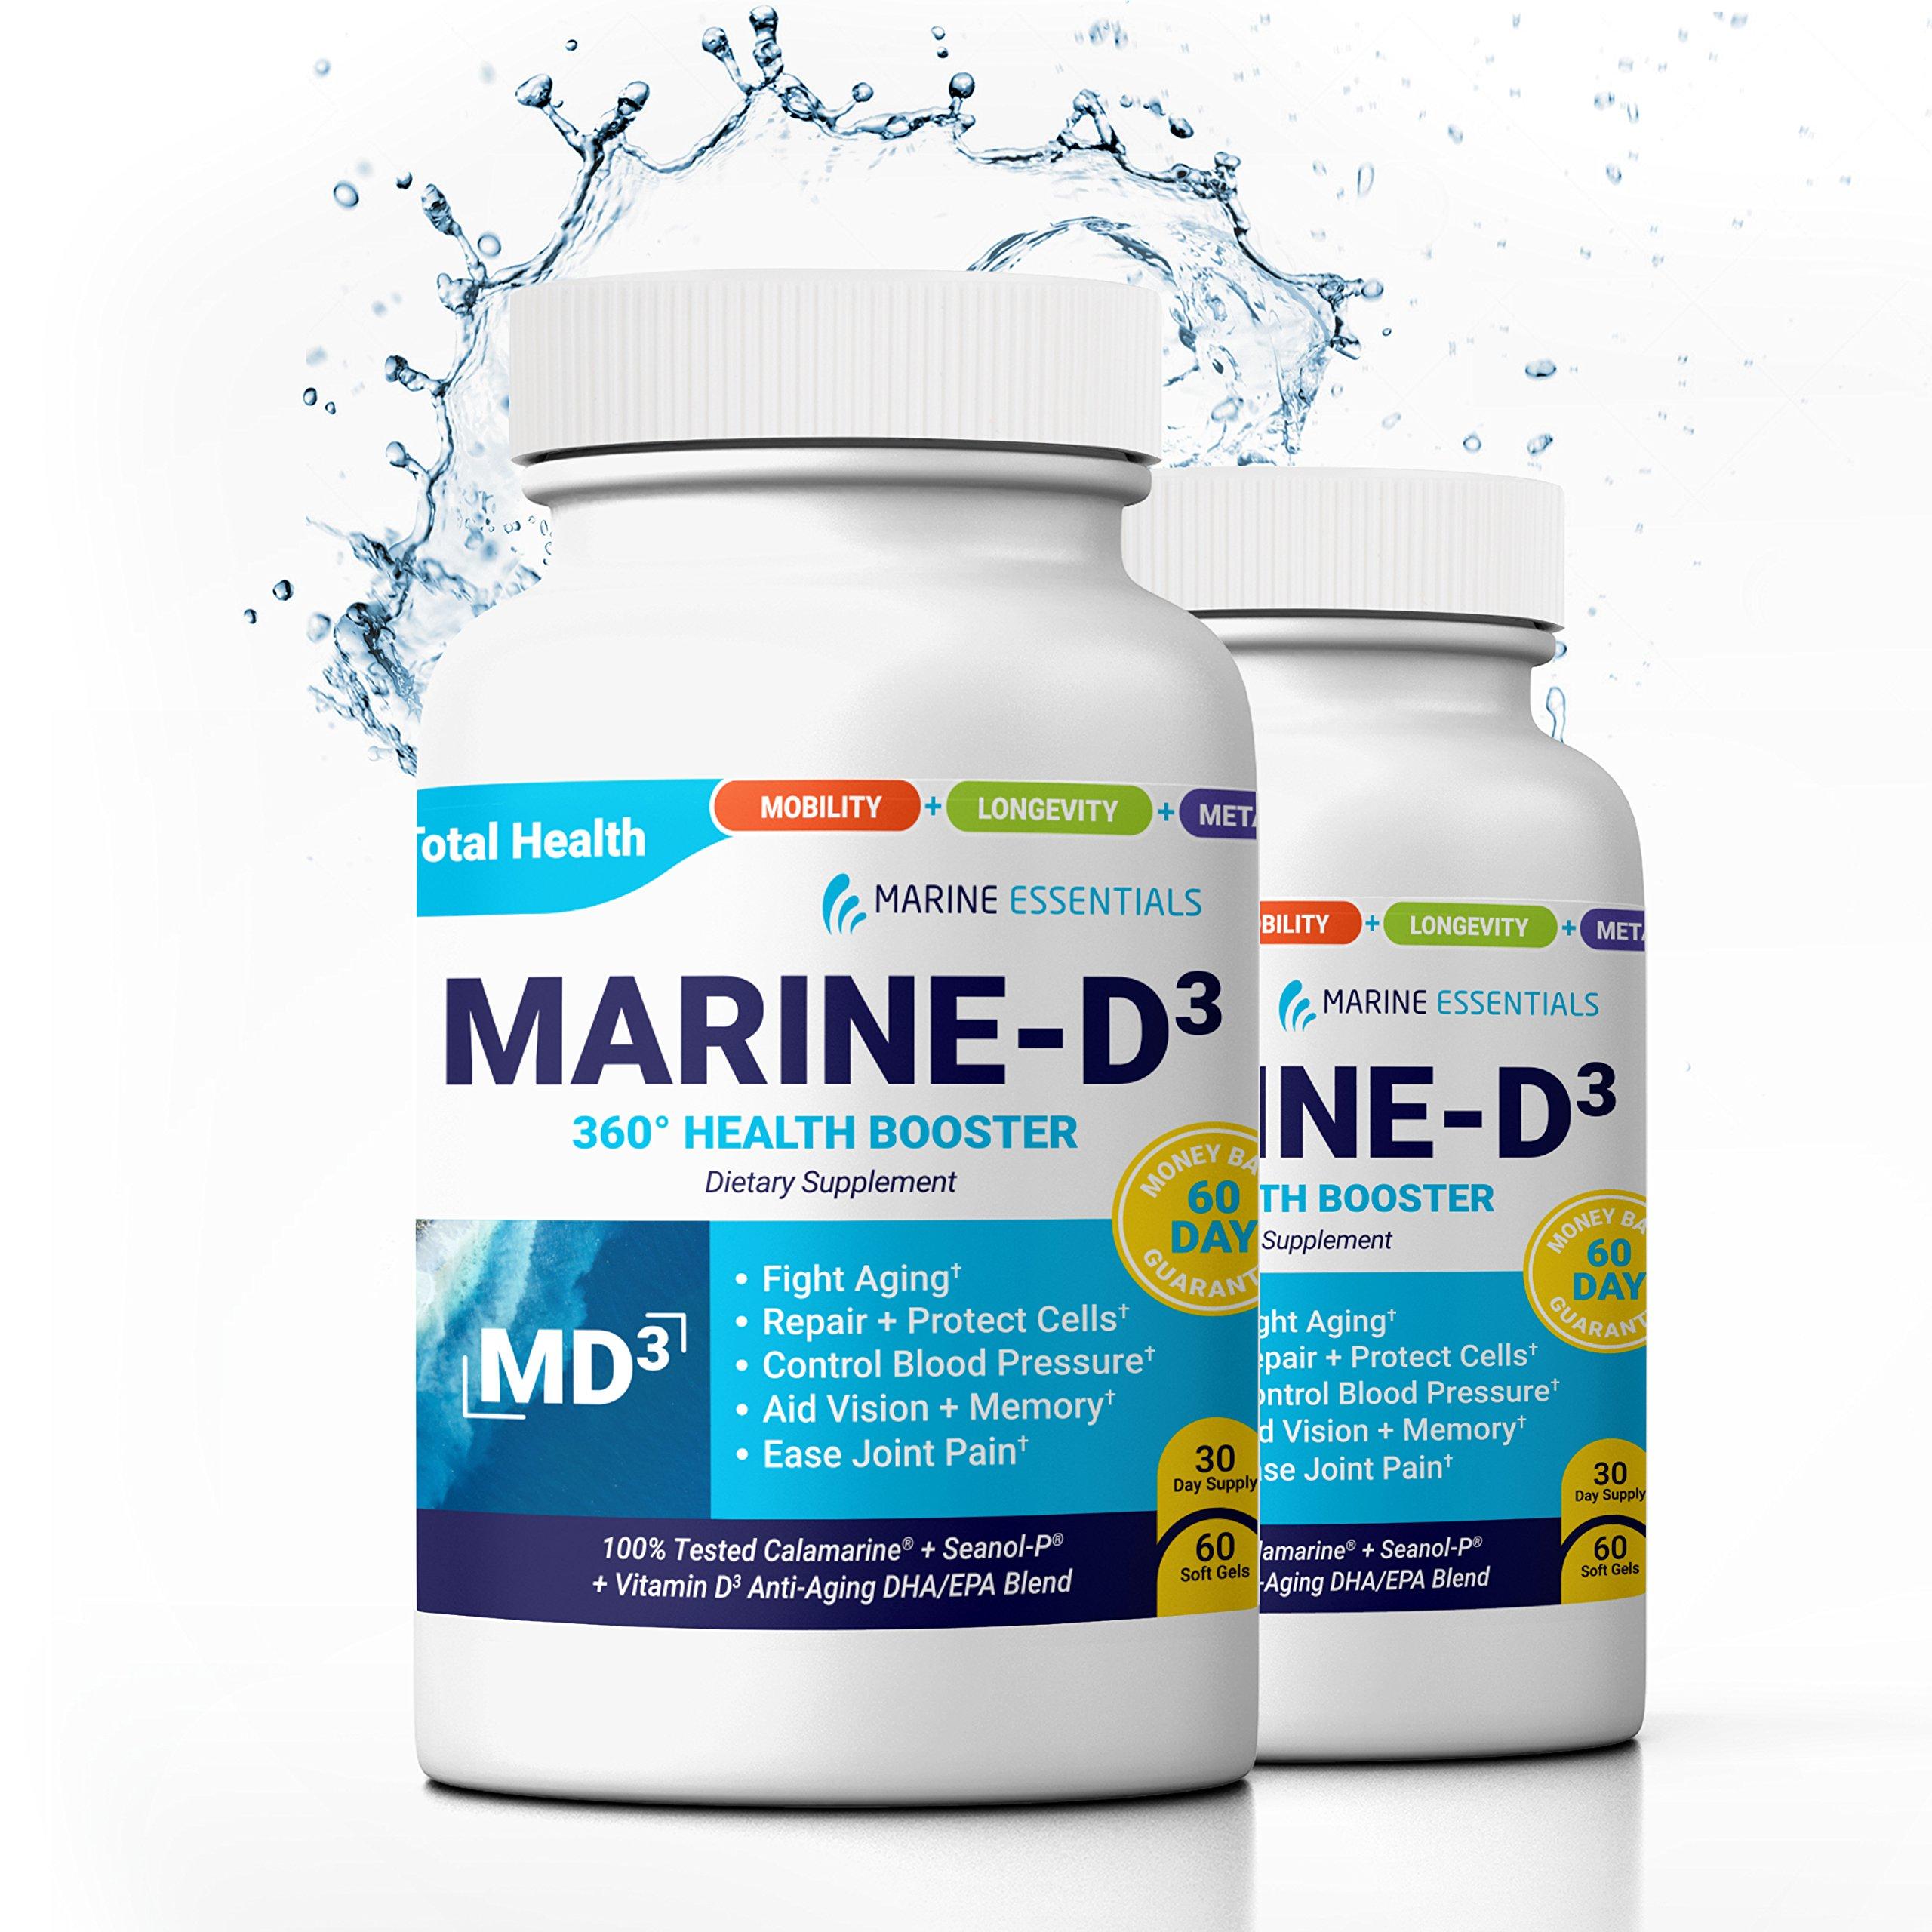 Marine Essentials Vitamin D3 Omega 3 Fish Oil - ''Marine-D3'' 340 mg Vitamin D3 DHA Anti Aging Omega 3 Fish Oil Dietary Supplement (120 Softgels)